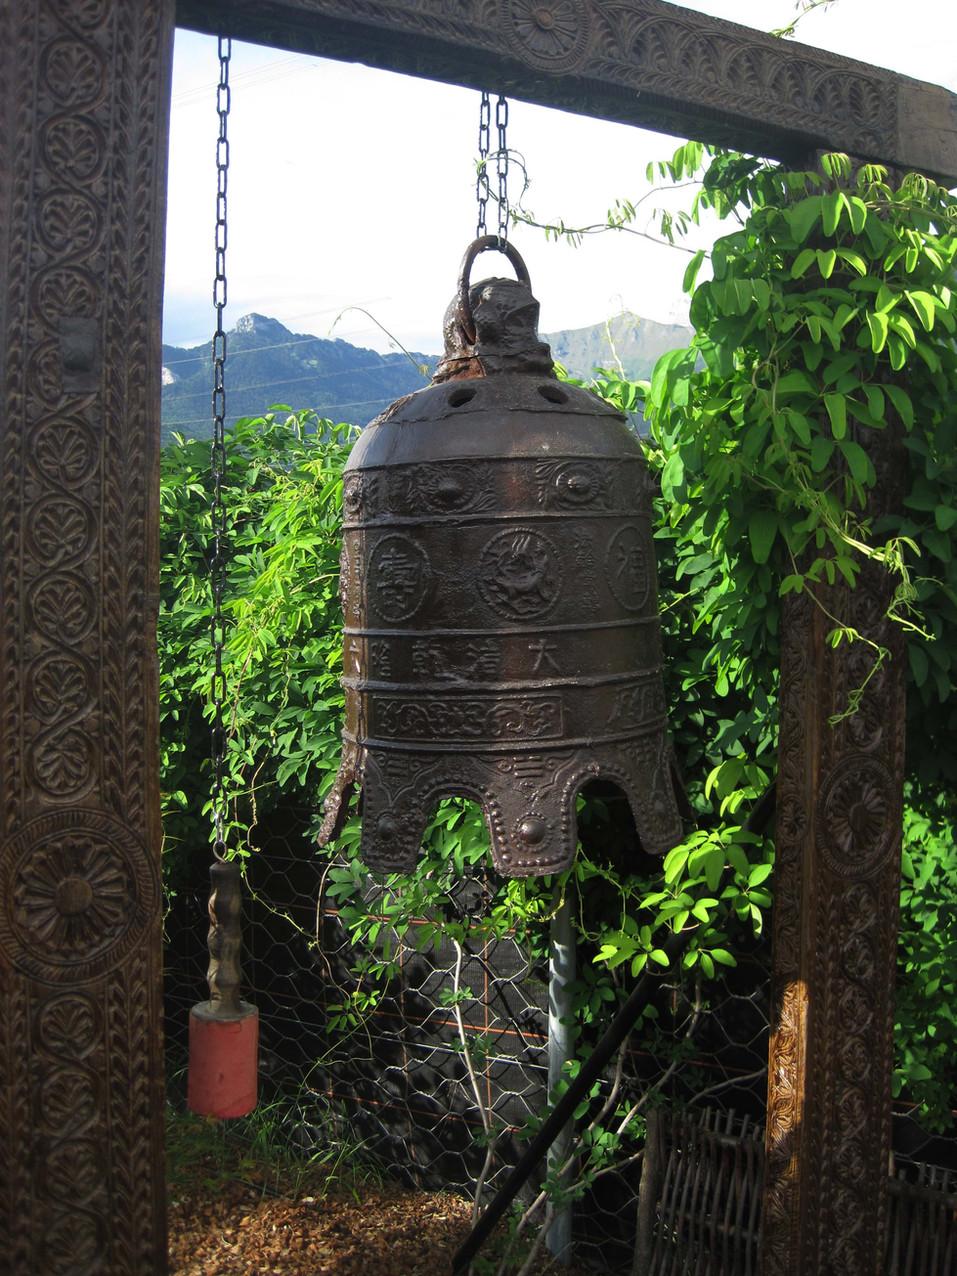 The Korean Bell